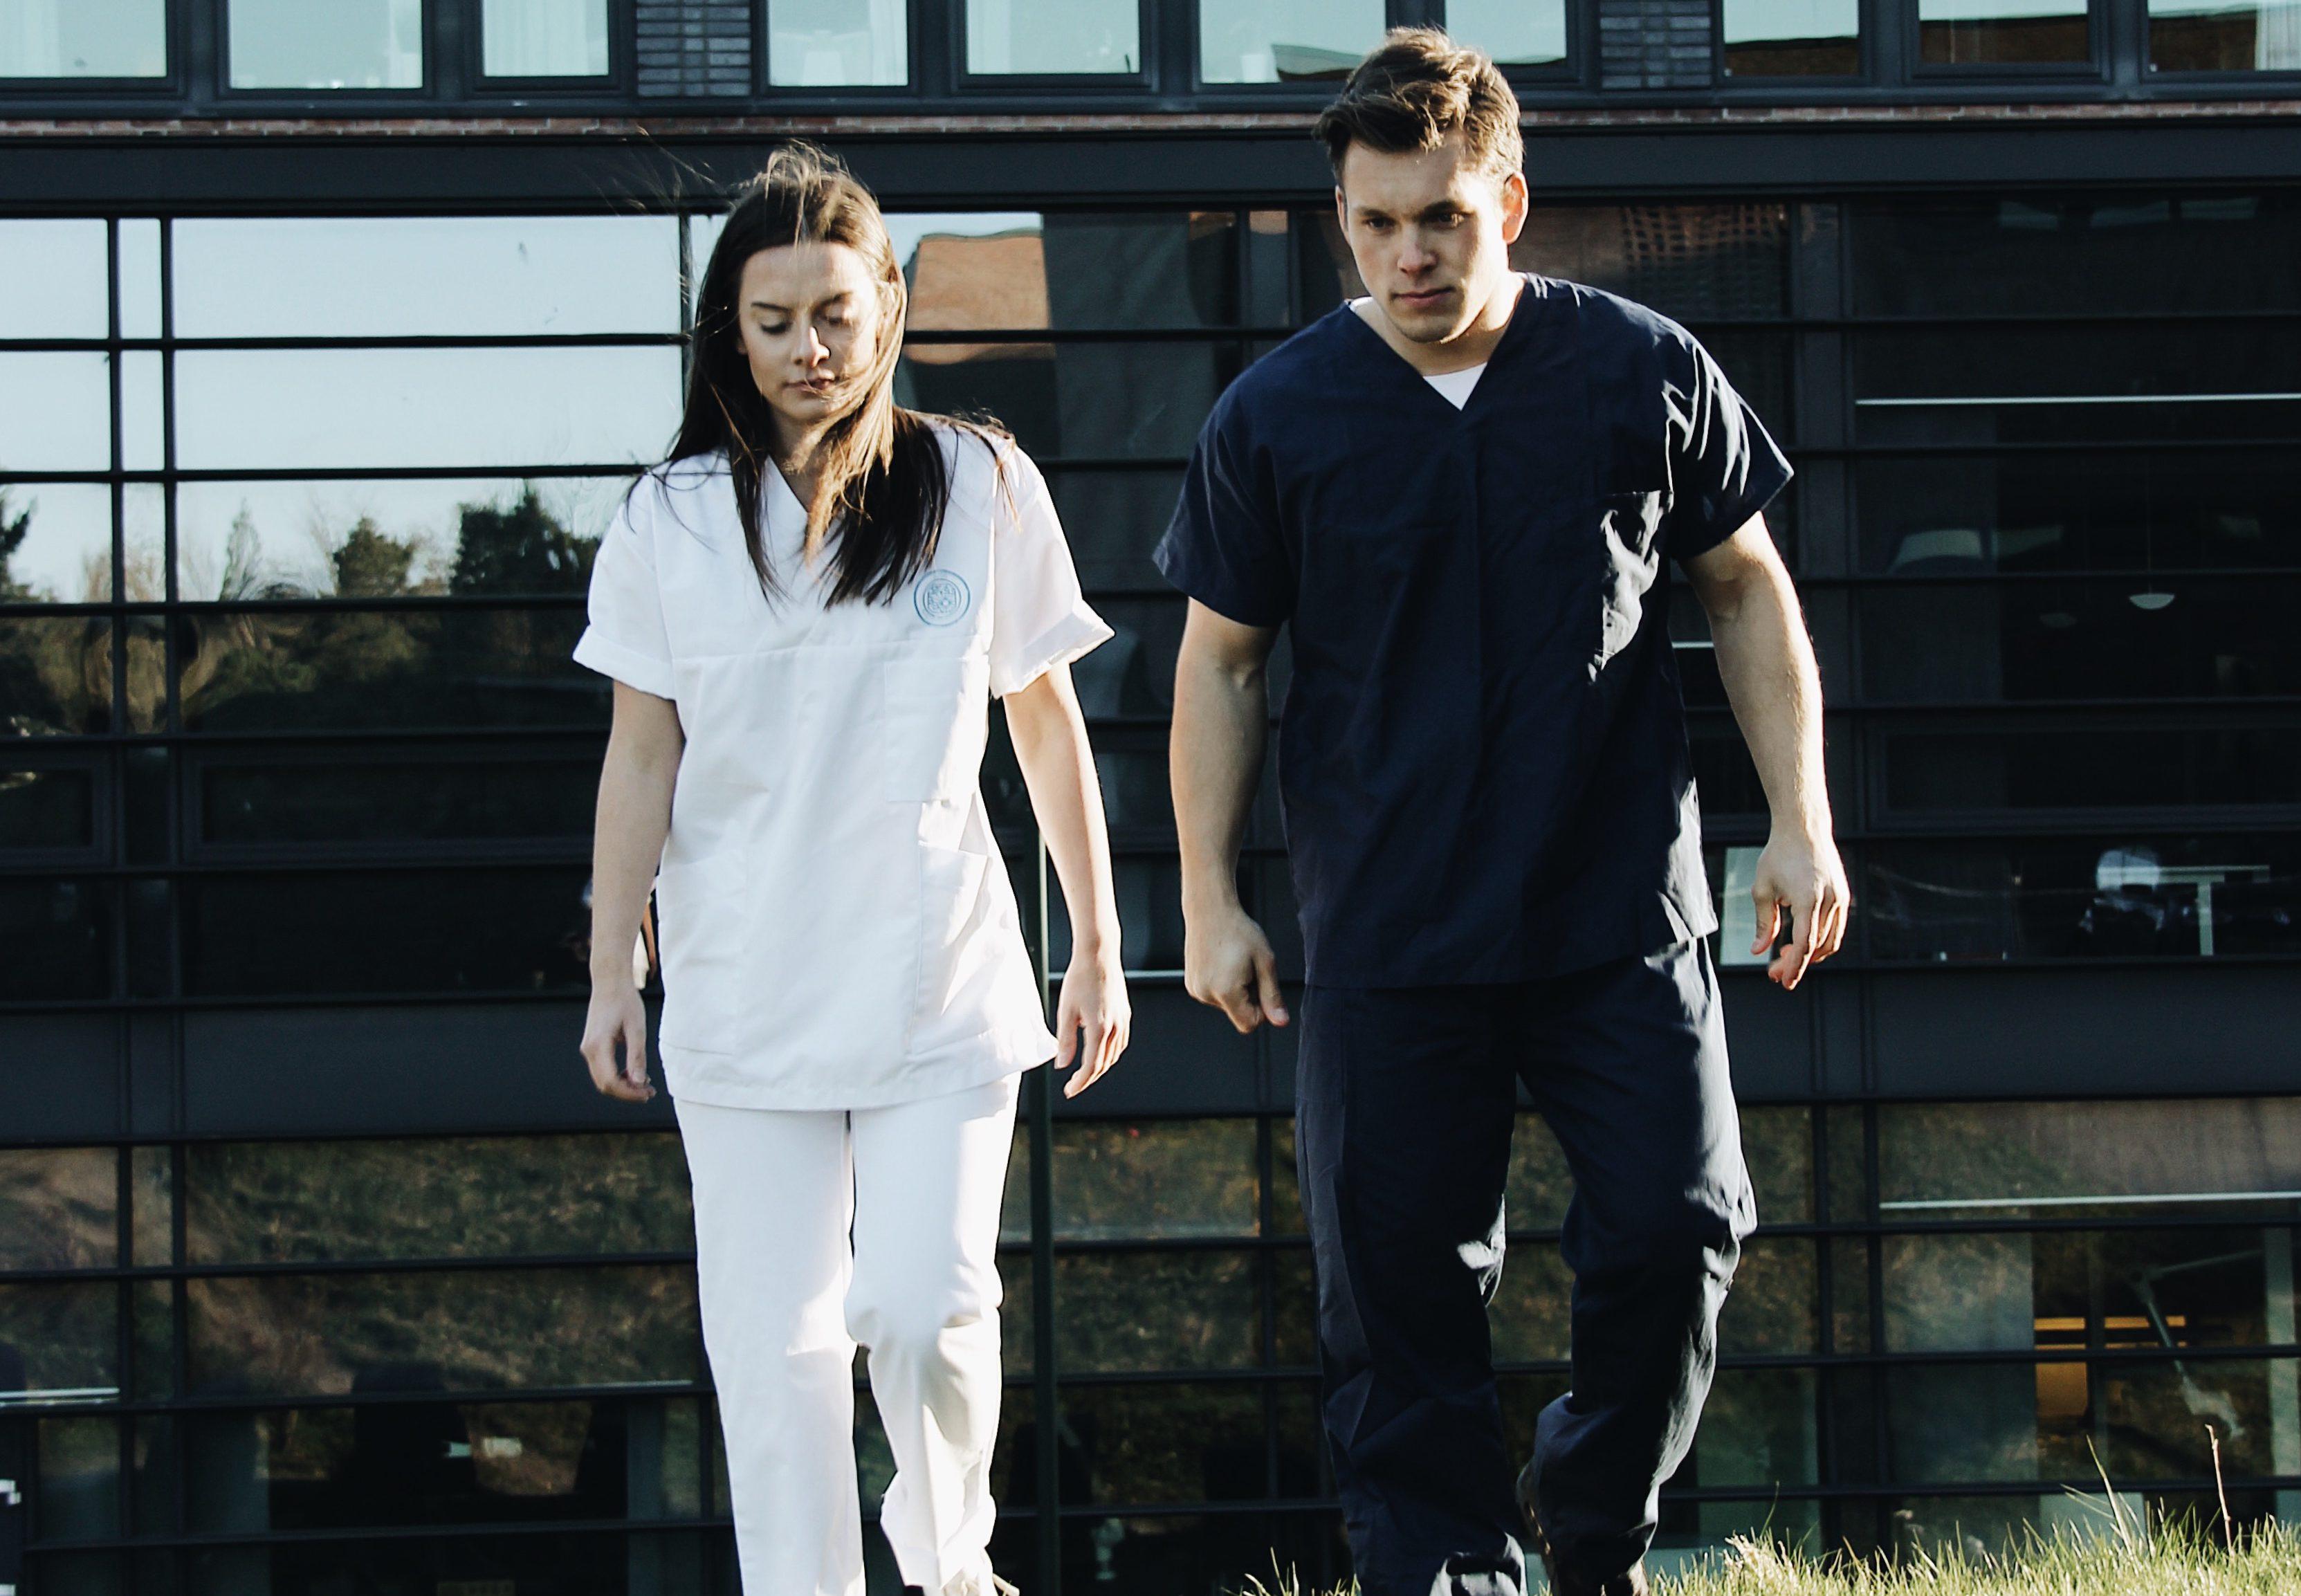 Sykepleierstudent måtte gå flere timer til praksis